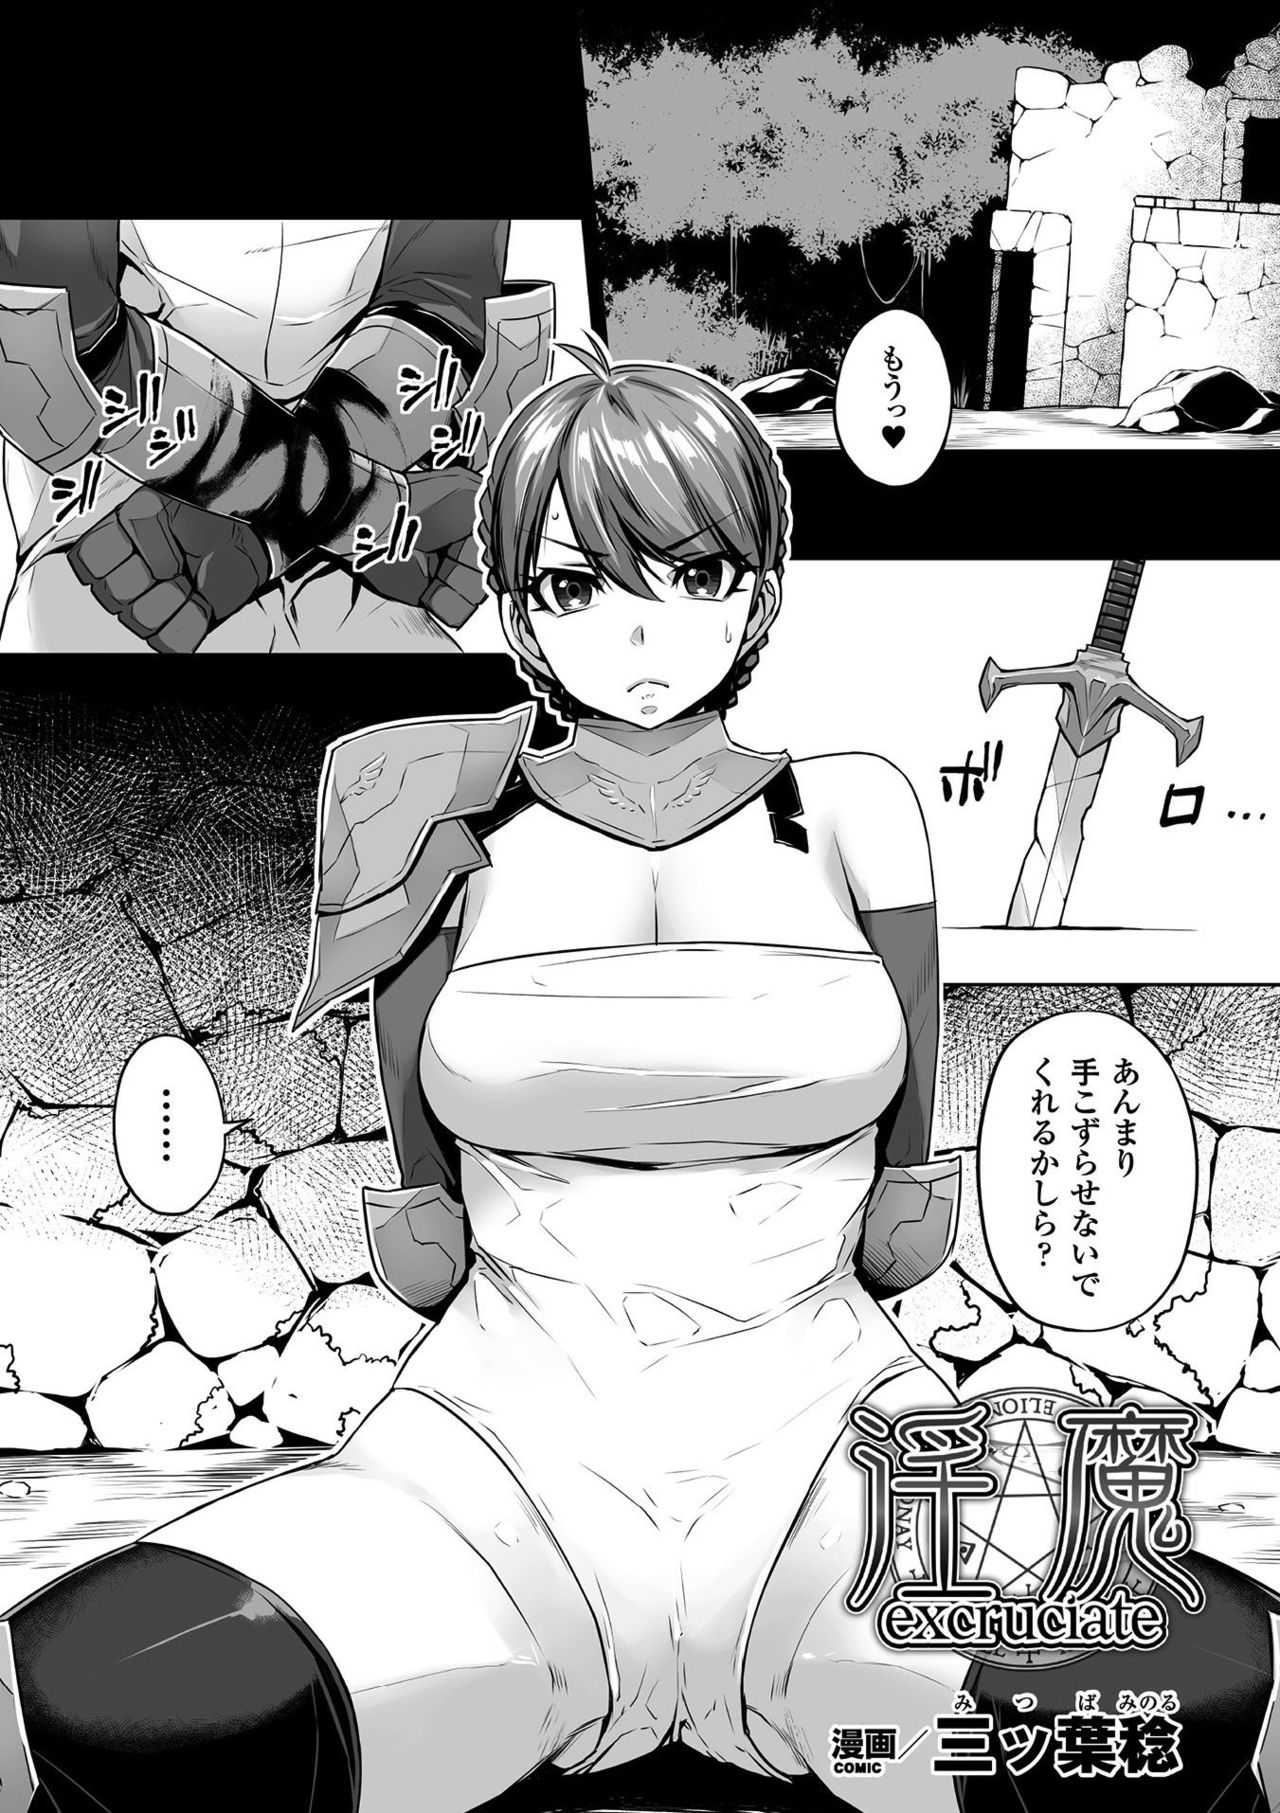 【エロ漫画】女騎士が巨乳悪魔に媚薬漬けにされた上、尻尾でレイプされるwww